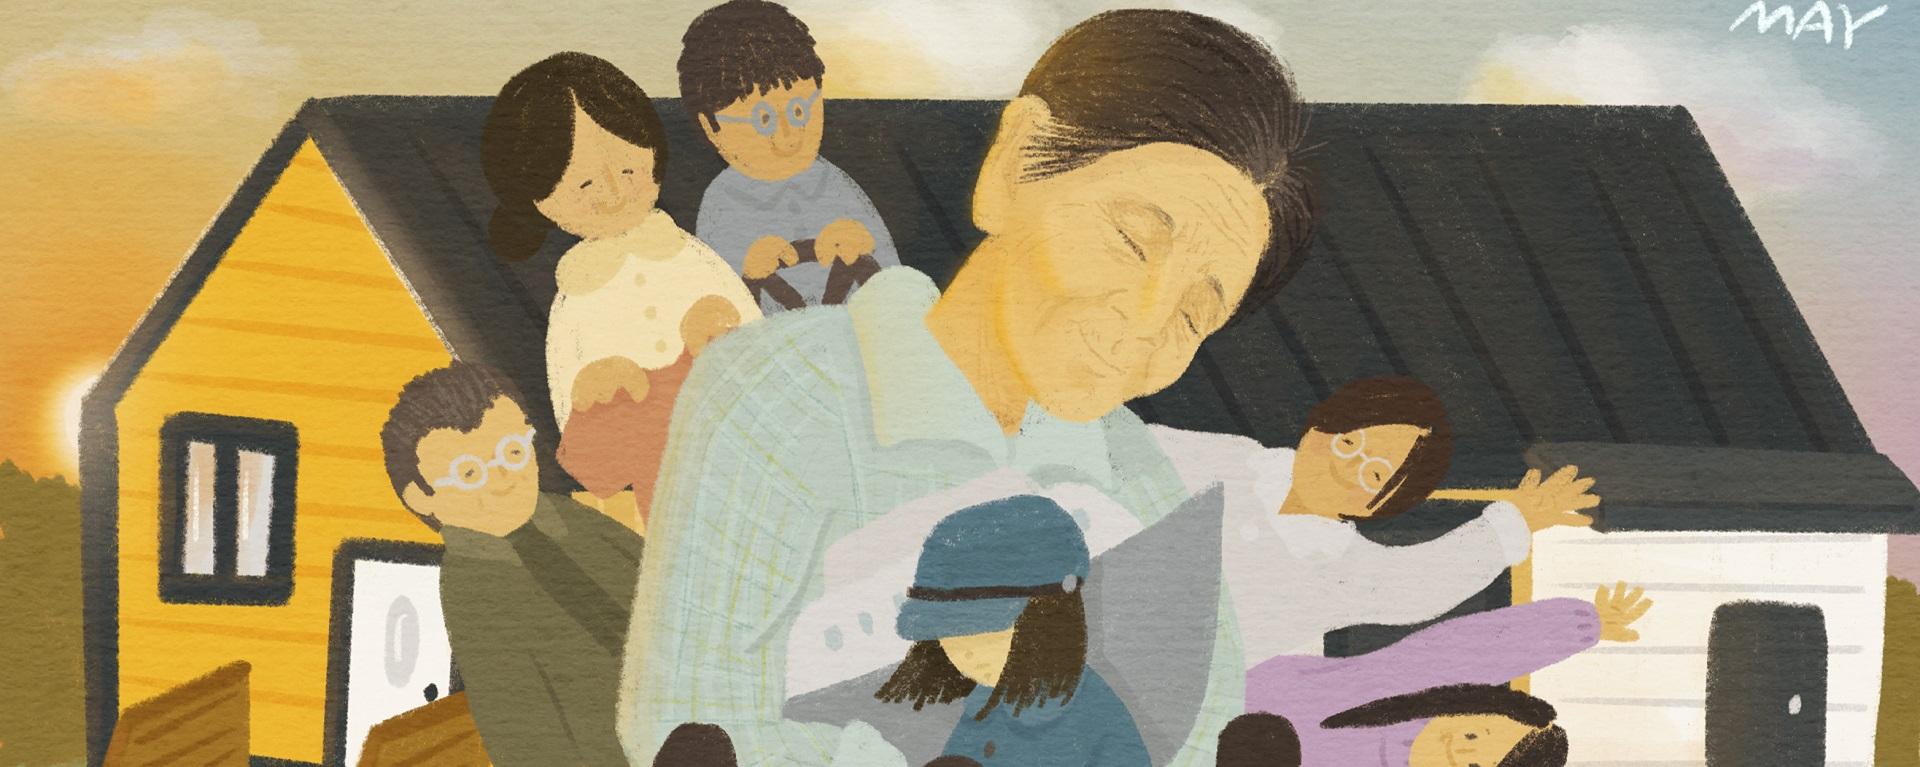 [에세이] 소중한 우리 할머니, 박필근 - '시간과 기억을 잇다'